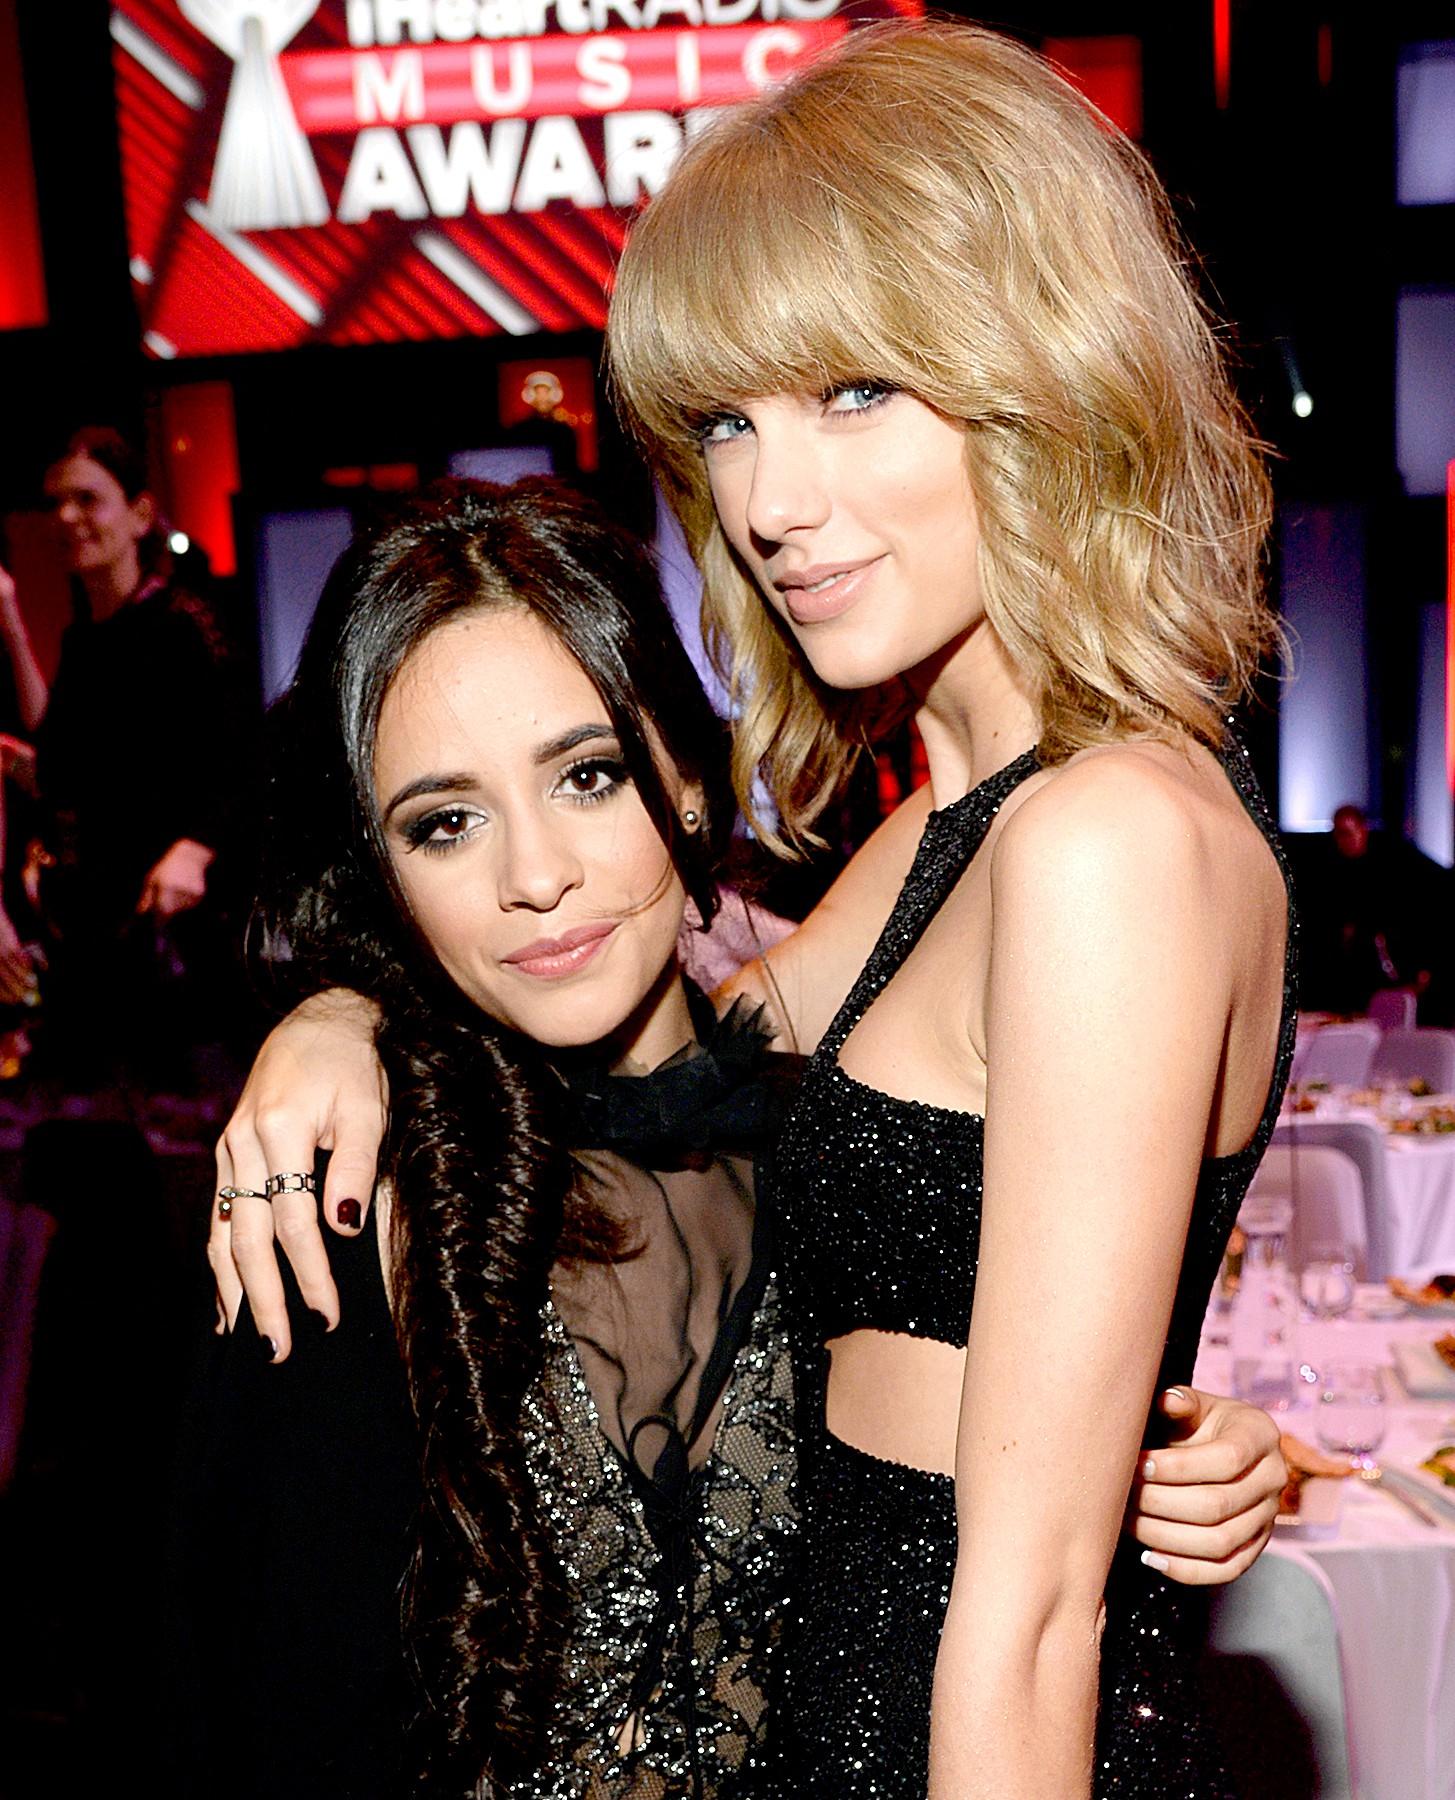 Taylor Swift có liên quan gì đến việc Camila Cabello rời Fifth Harmony? - Ảnh 1.